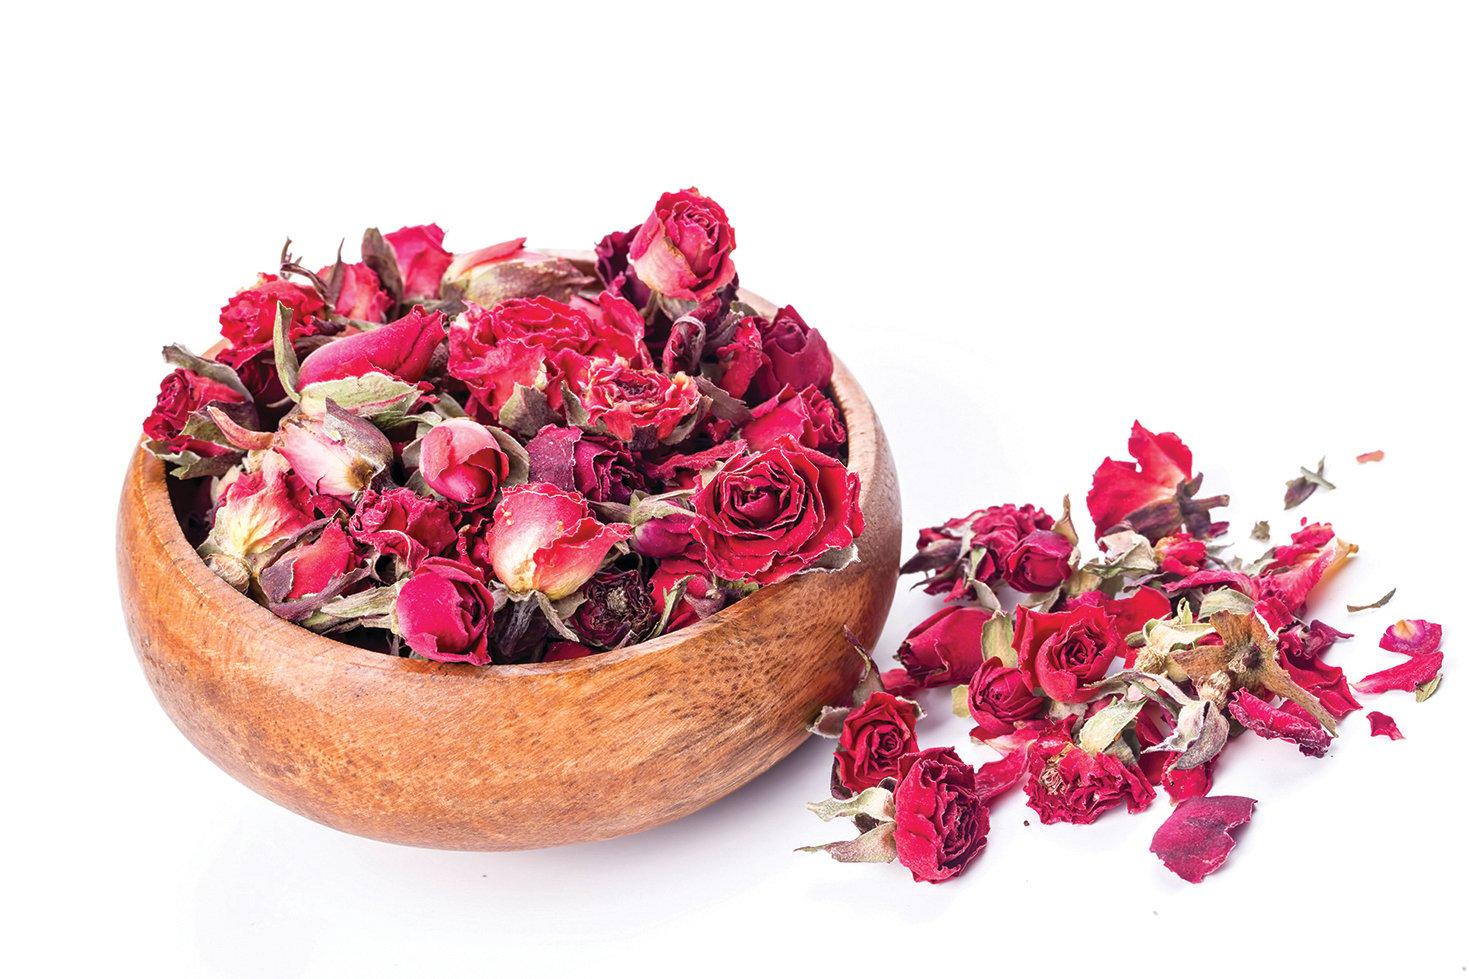 可以用玫瑰乾燥花製作出美麗又芬芳的作品。